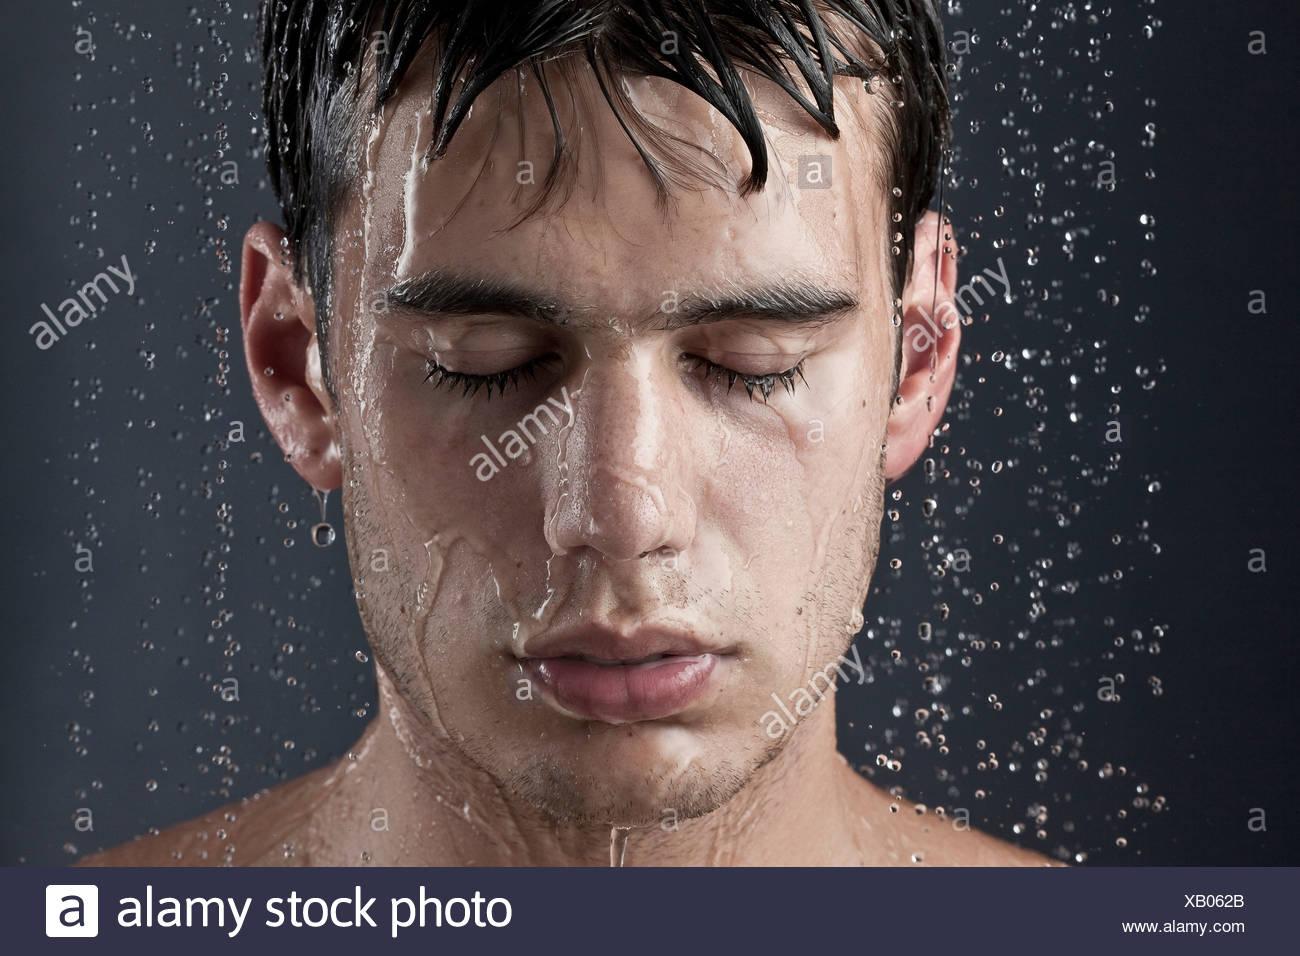 Joven cubierto con las gotas de agua Imagen De Stock